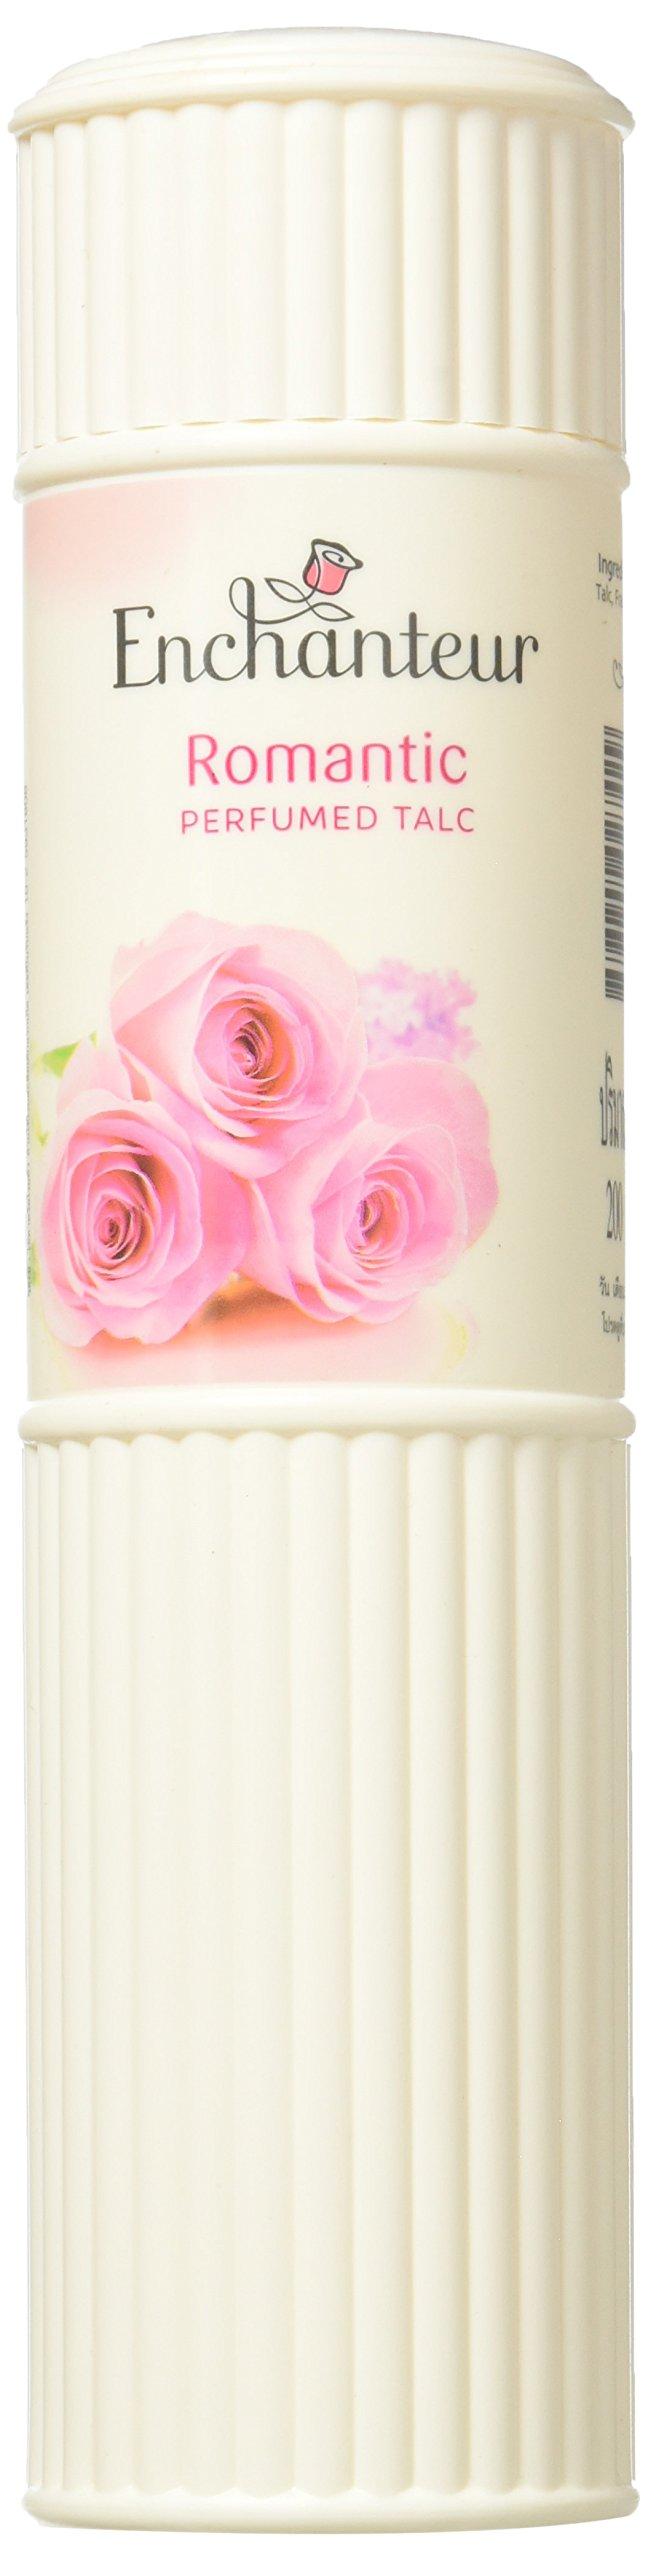 Enchanteur Romantic ,Body Perfumed Talc 200